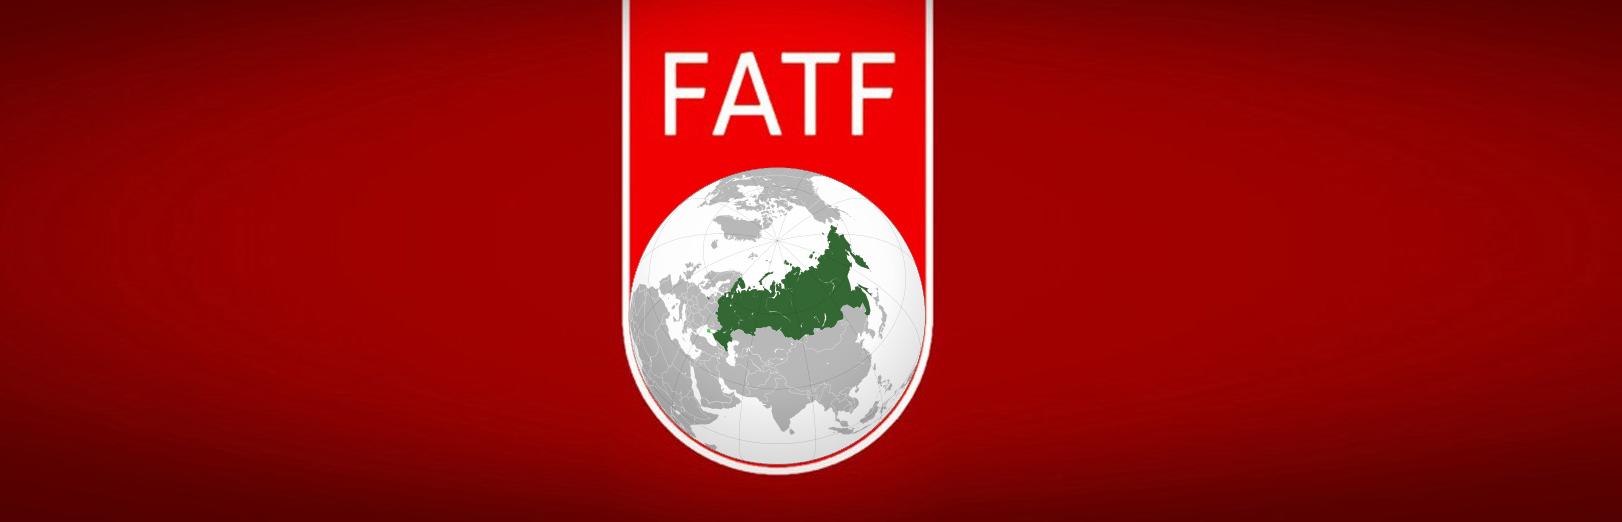 Новые правила FATF снизили анонимность межбиржевых переводов